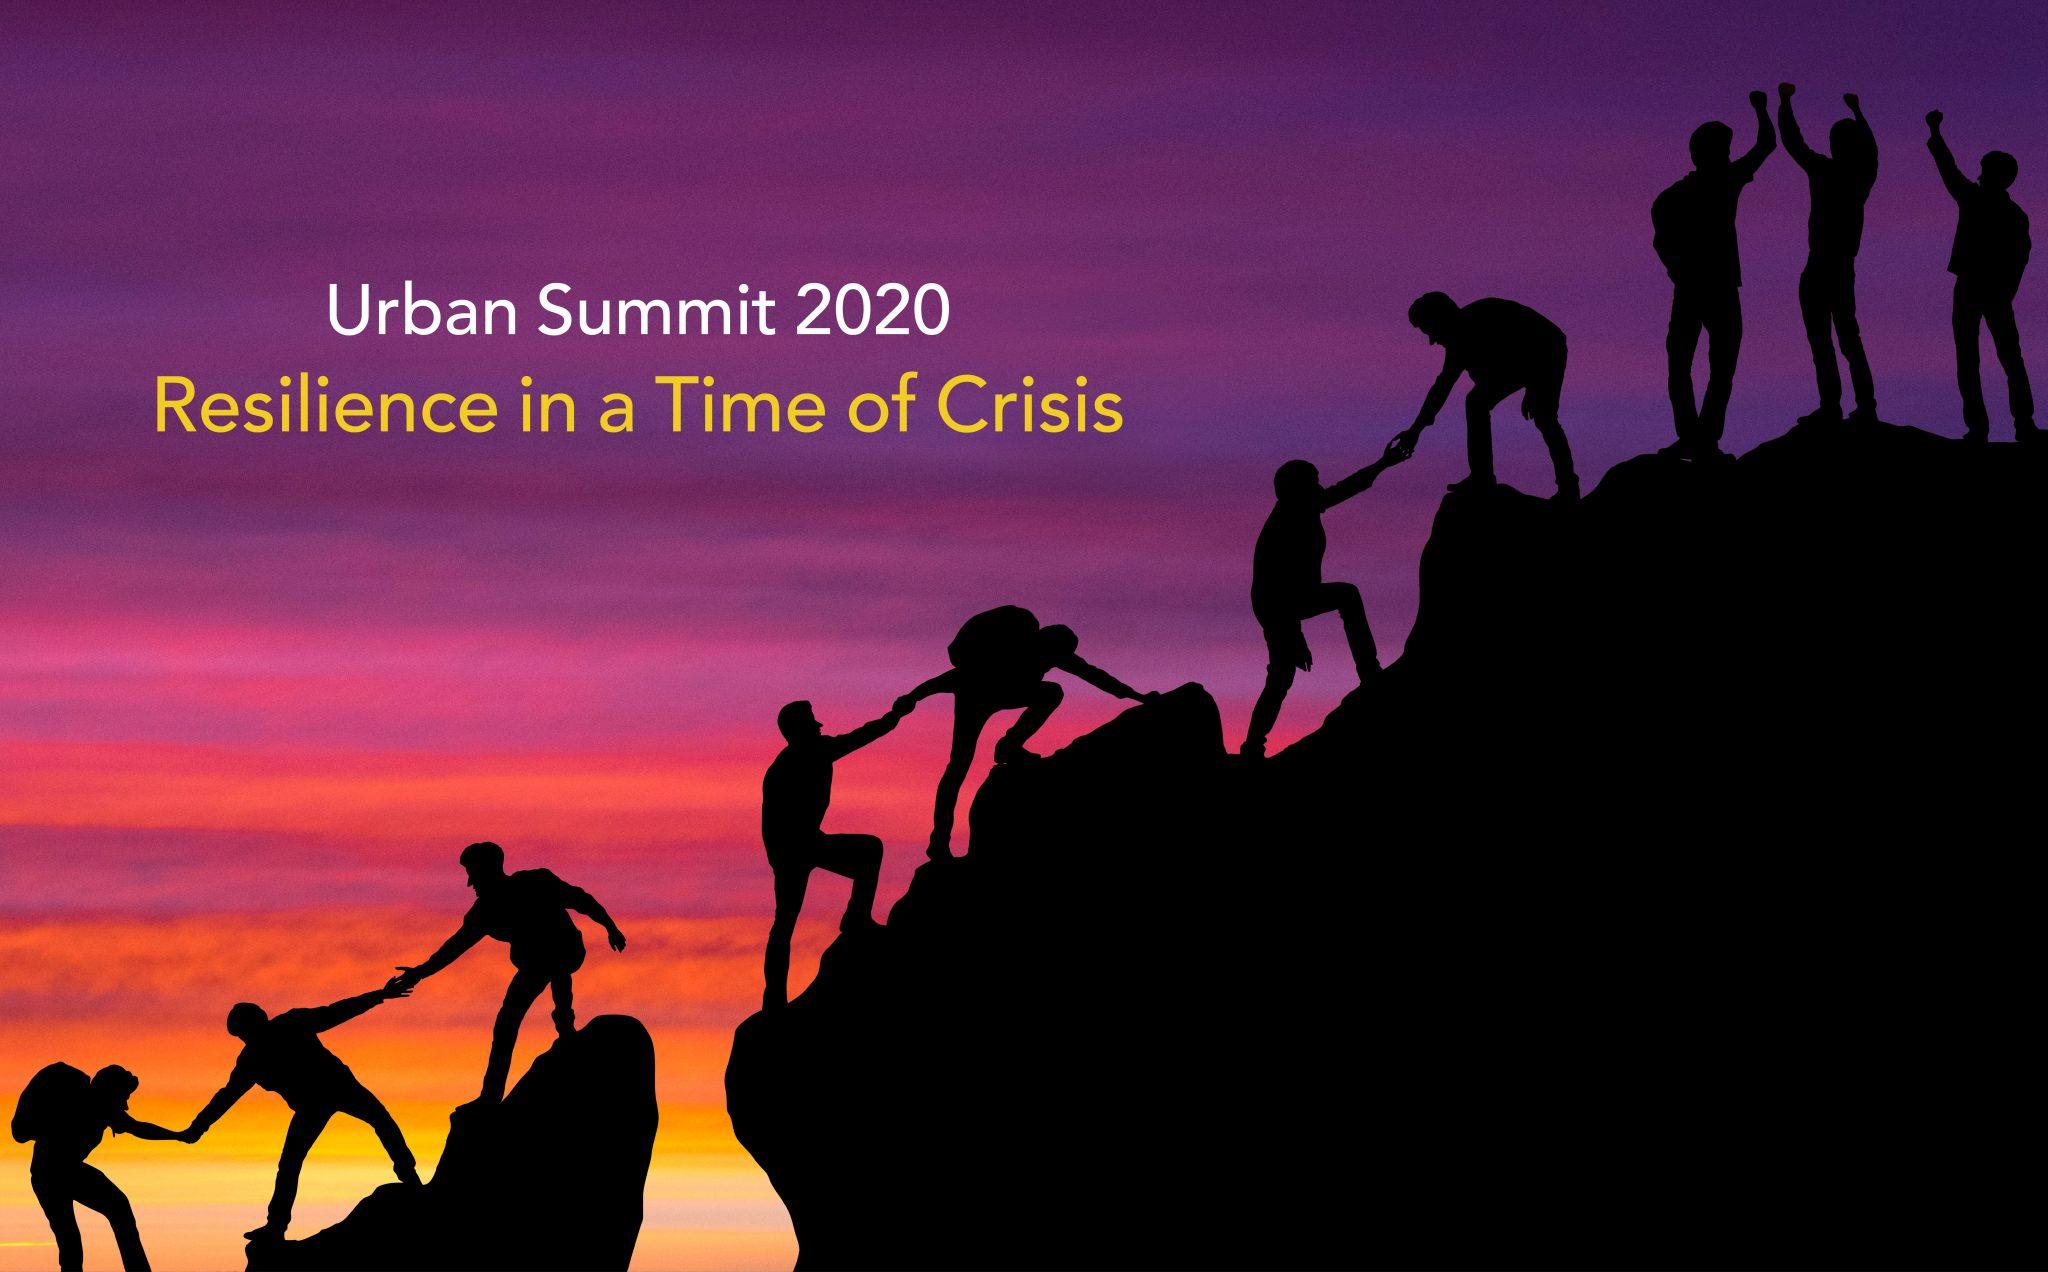 UrbanSummit2020